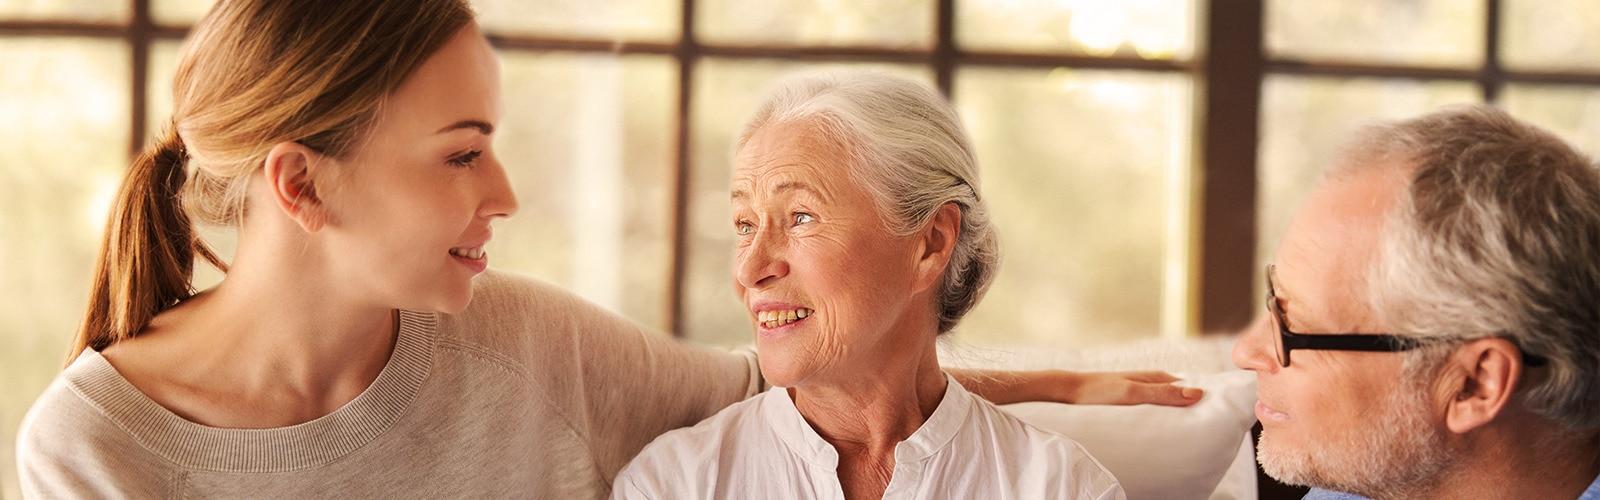 Starejši par sedi z mlado žensko – kako skrbeti za bližnjega, ne da bi se preveč naprezali.